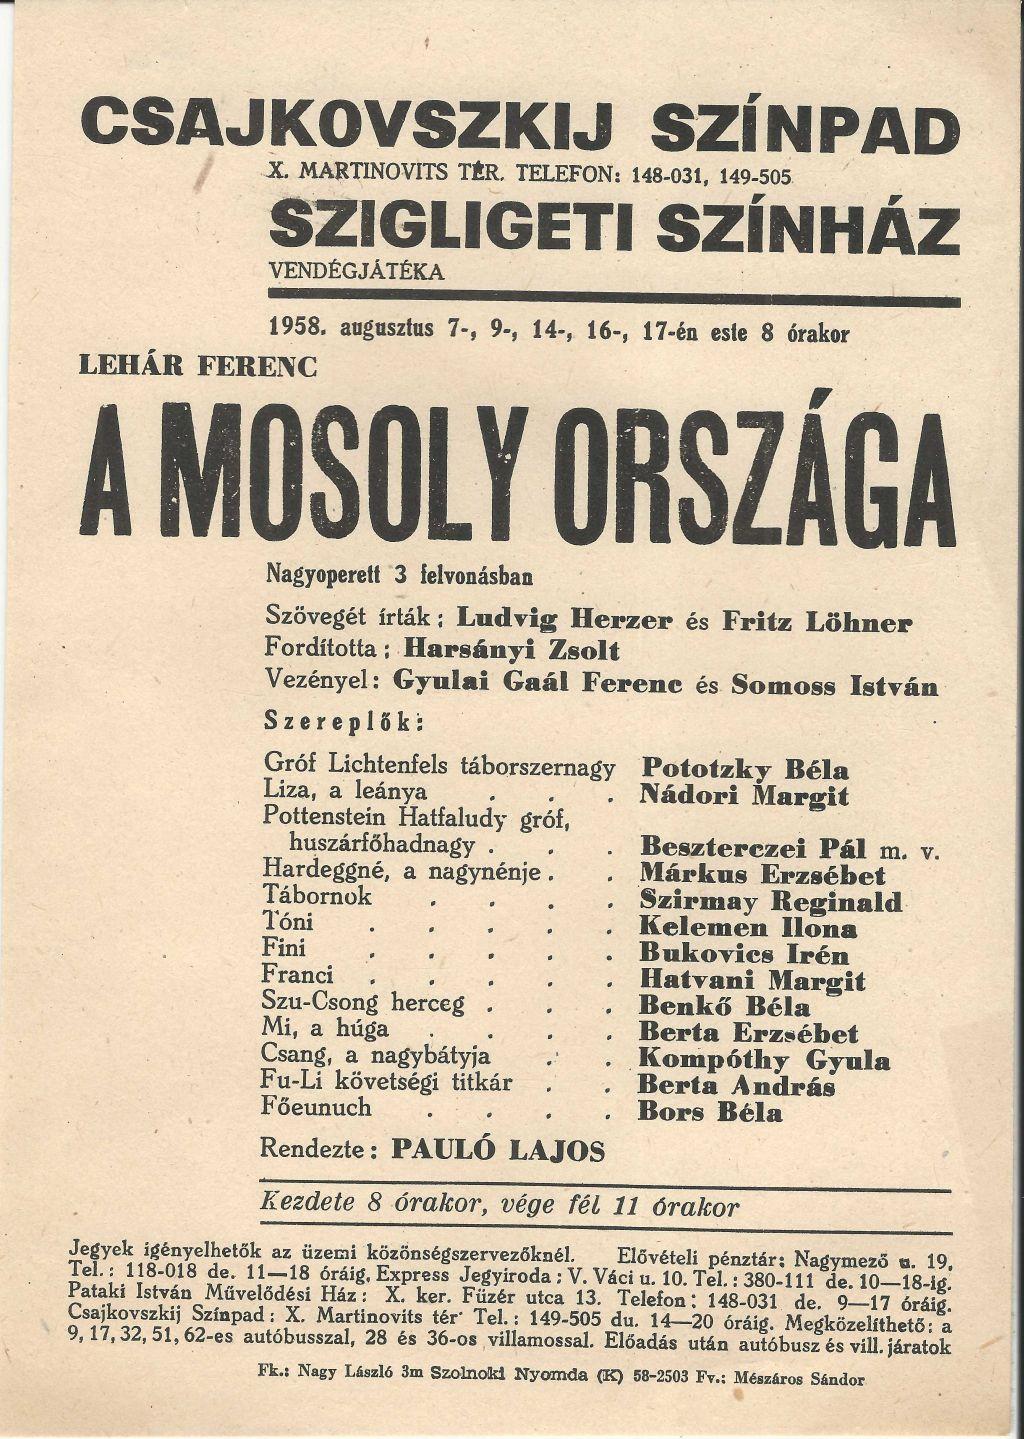 Lehár Ferenc: A mosoly országa. A Szigligeti Színház vendégjátéka a Csajkovszkij Színpadon 1958. augusztus 7-, 9-, 14-, 16-, 17-én